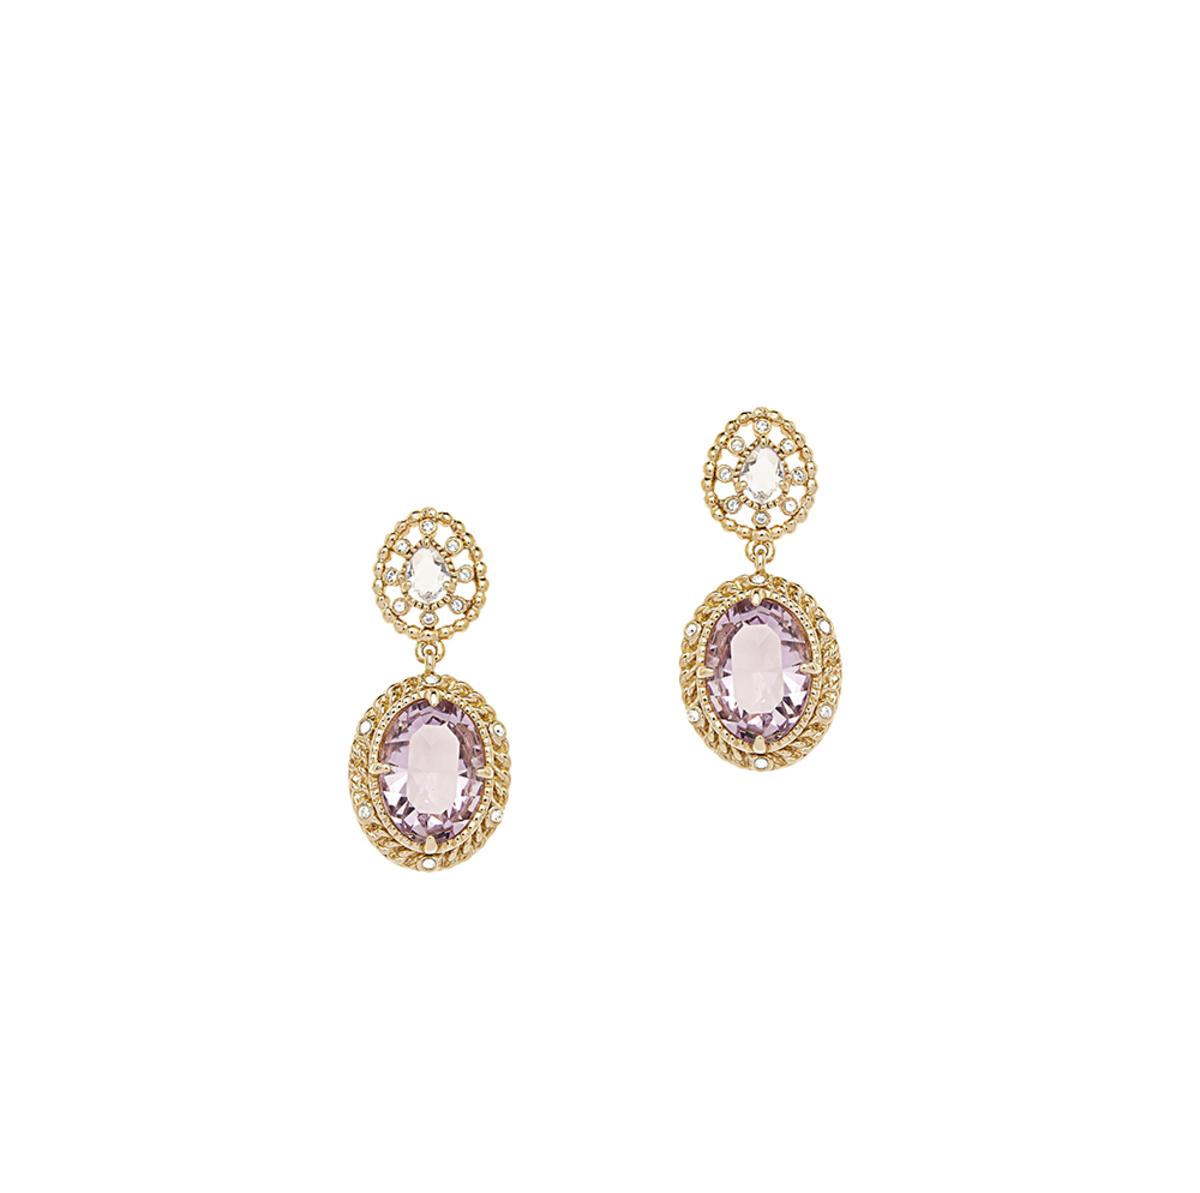 Eclat Palette: gold plating, Swarovski light amethyst/clear crystal pierced earrings